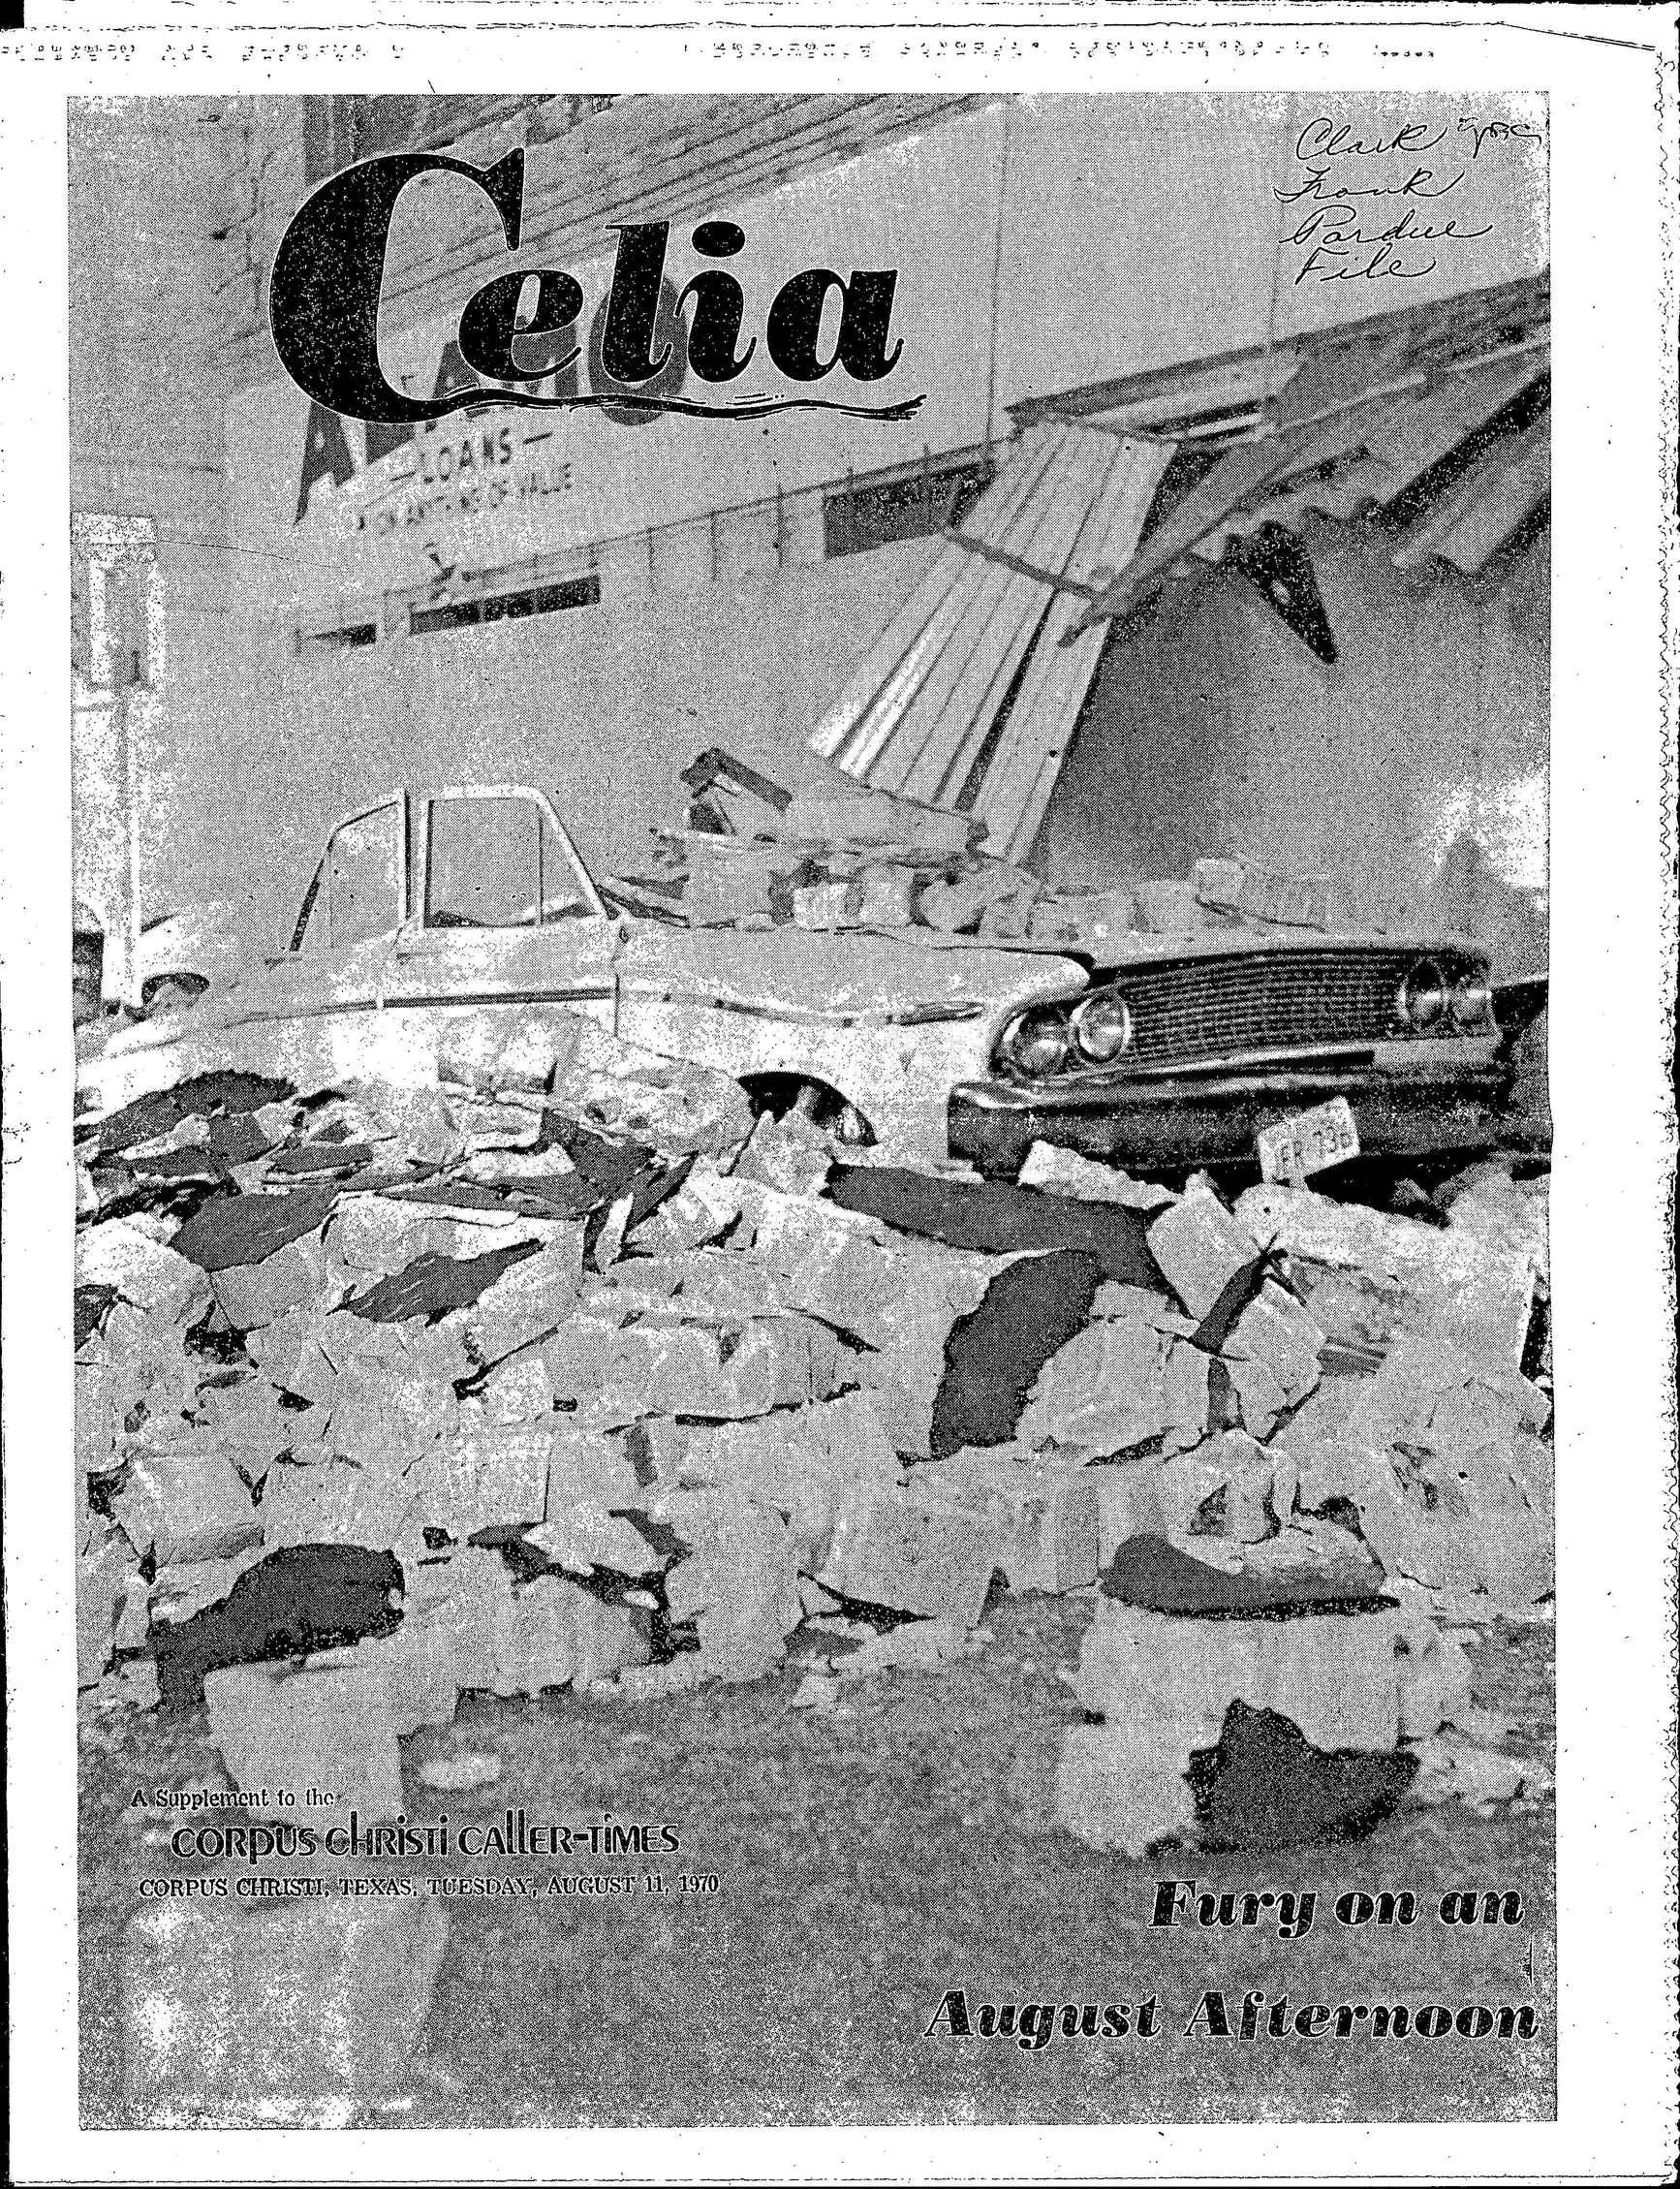 Major Hurricane Celia Weather Underground Weather Underground Hurricane Weather